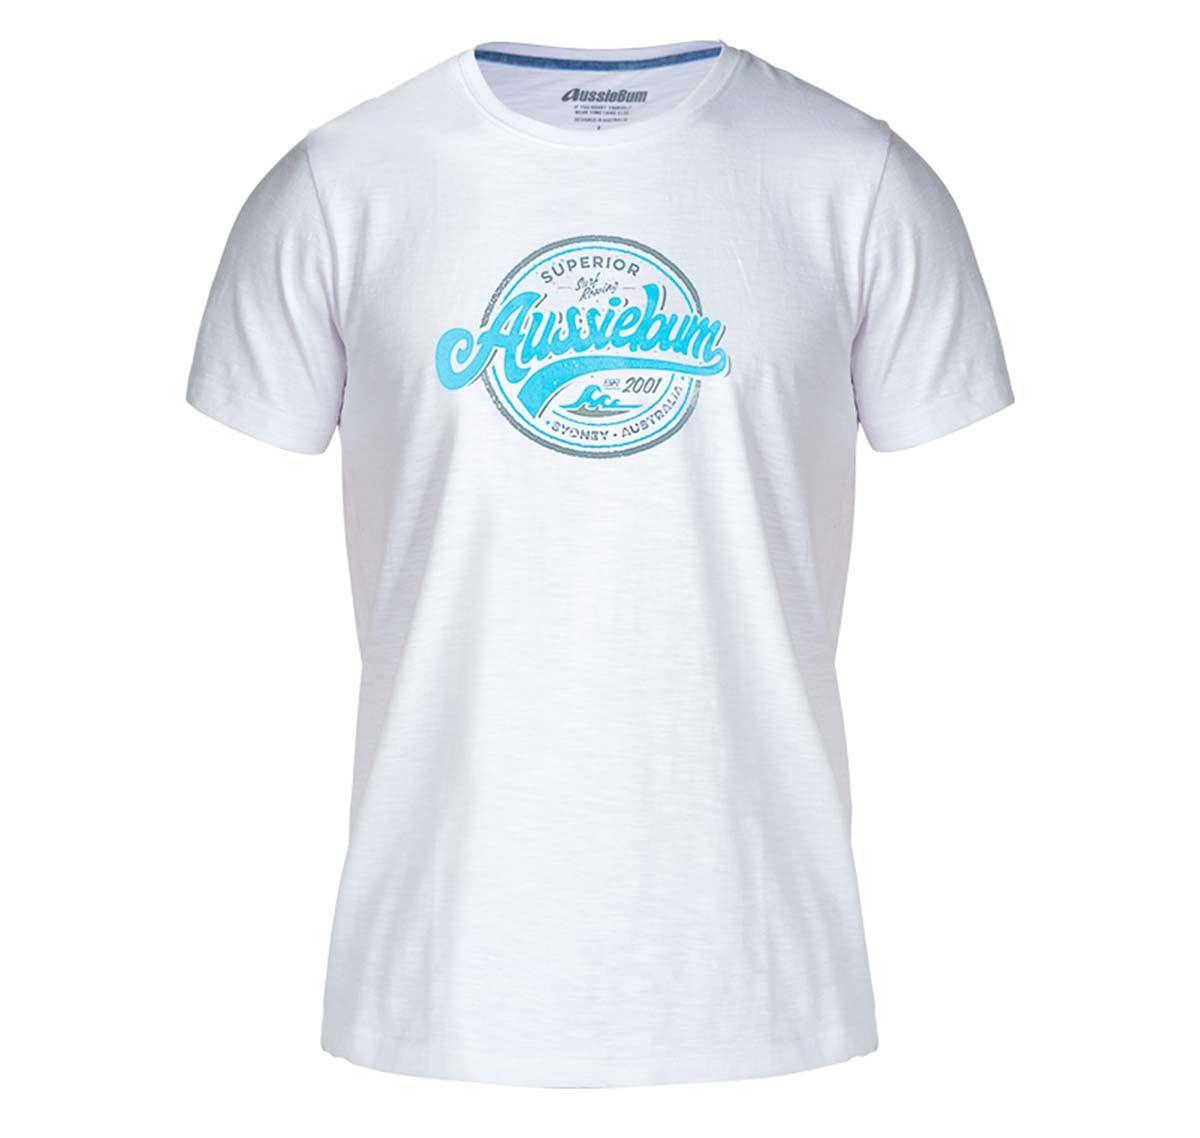 aussieBum Maglietta DESIGNER TEE WAVES BLUE, bianco